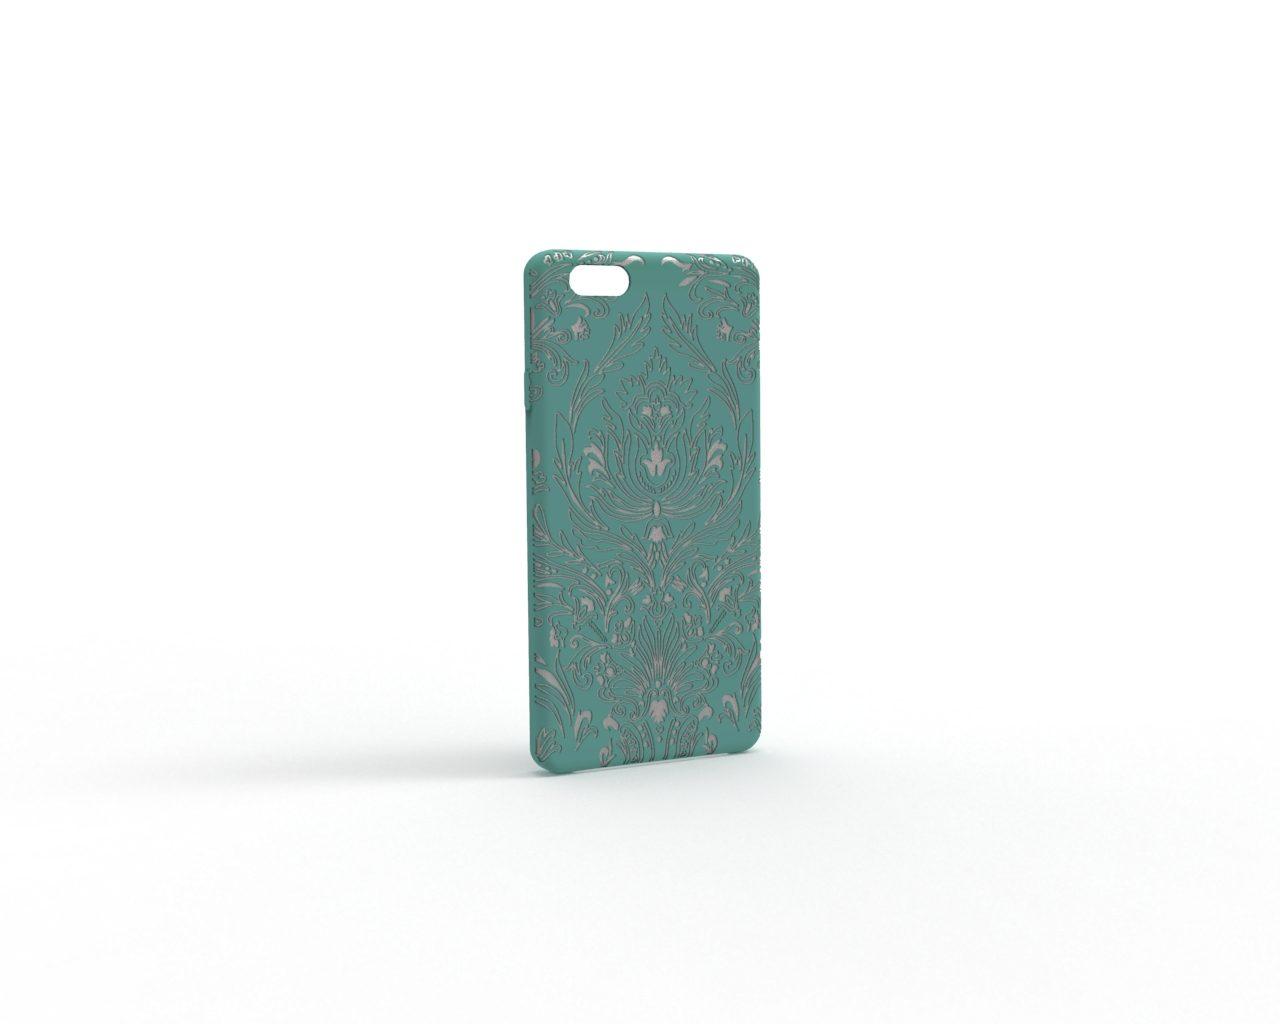 paisley-kaschmirgelb-silber-Handyhülle iphone 80.62